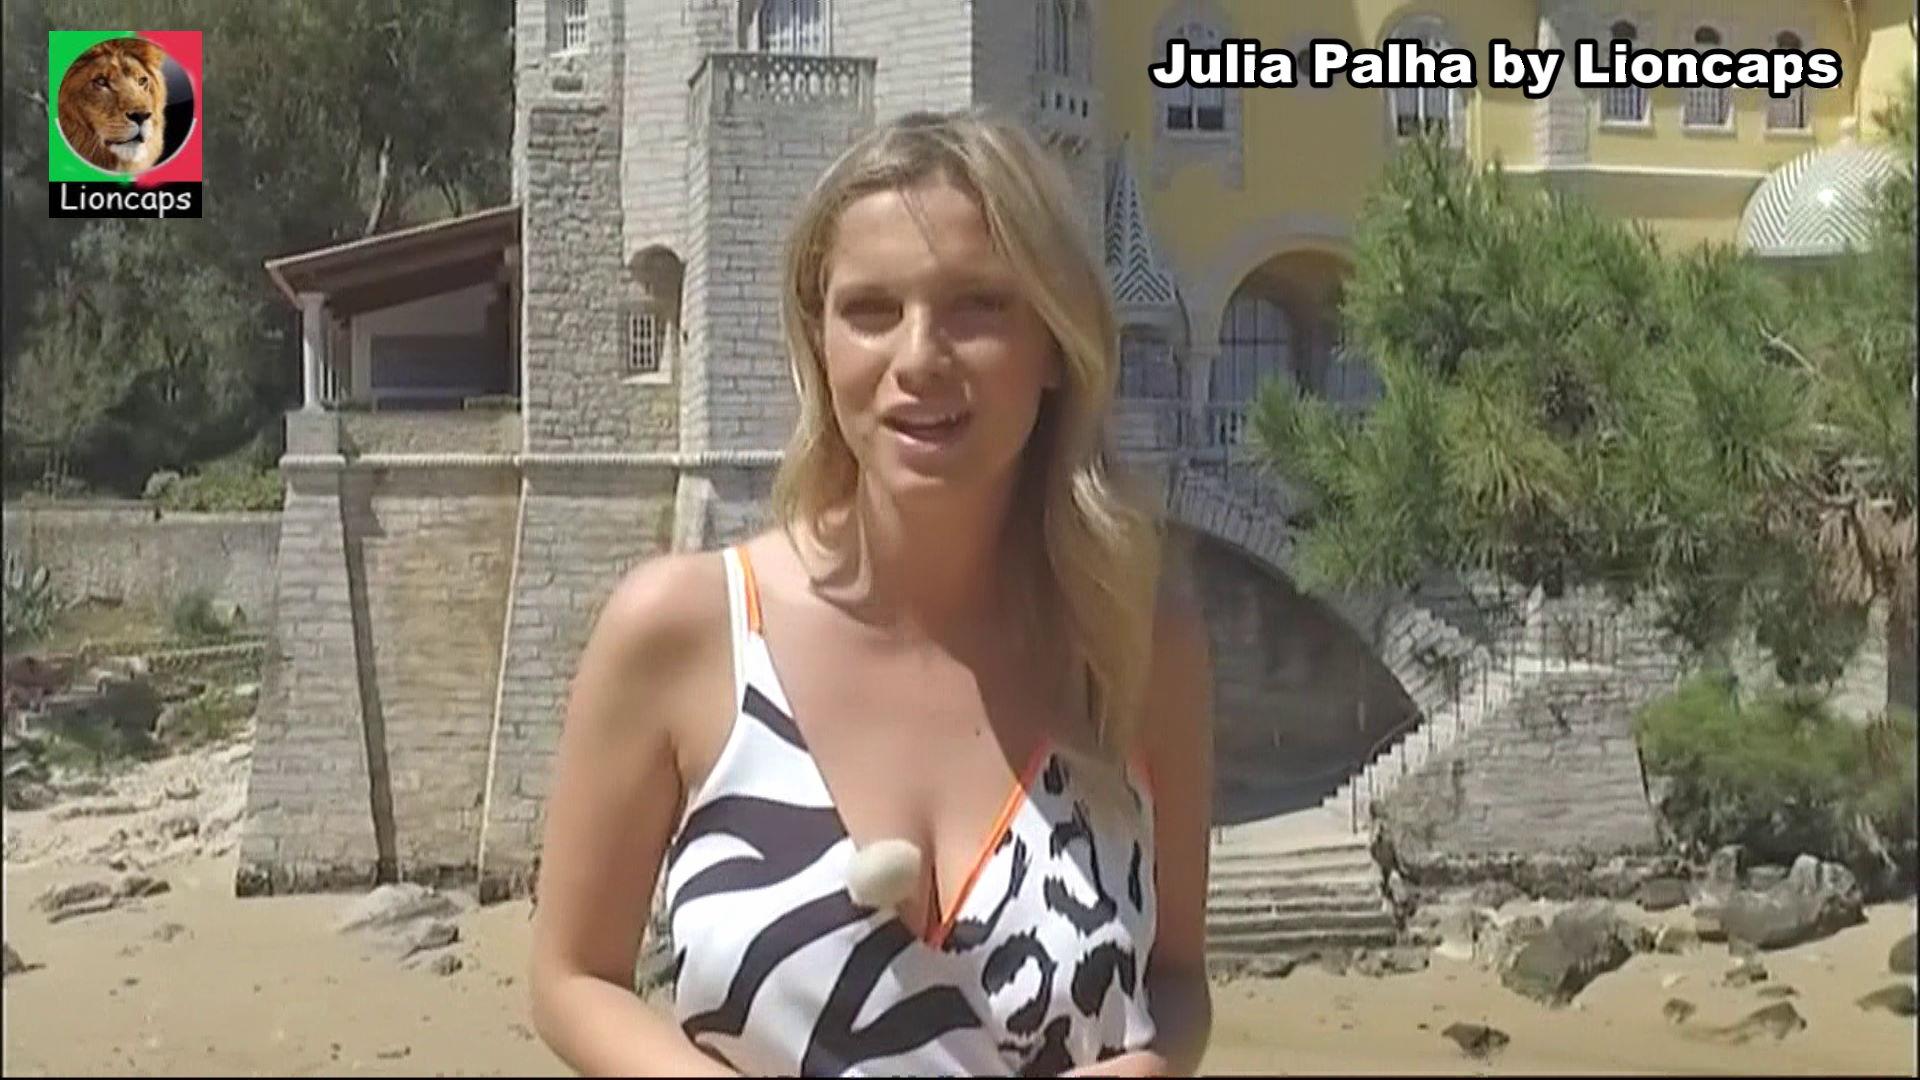 307699934_julia_palha_vs190623_2434_122_560lo.JPG